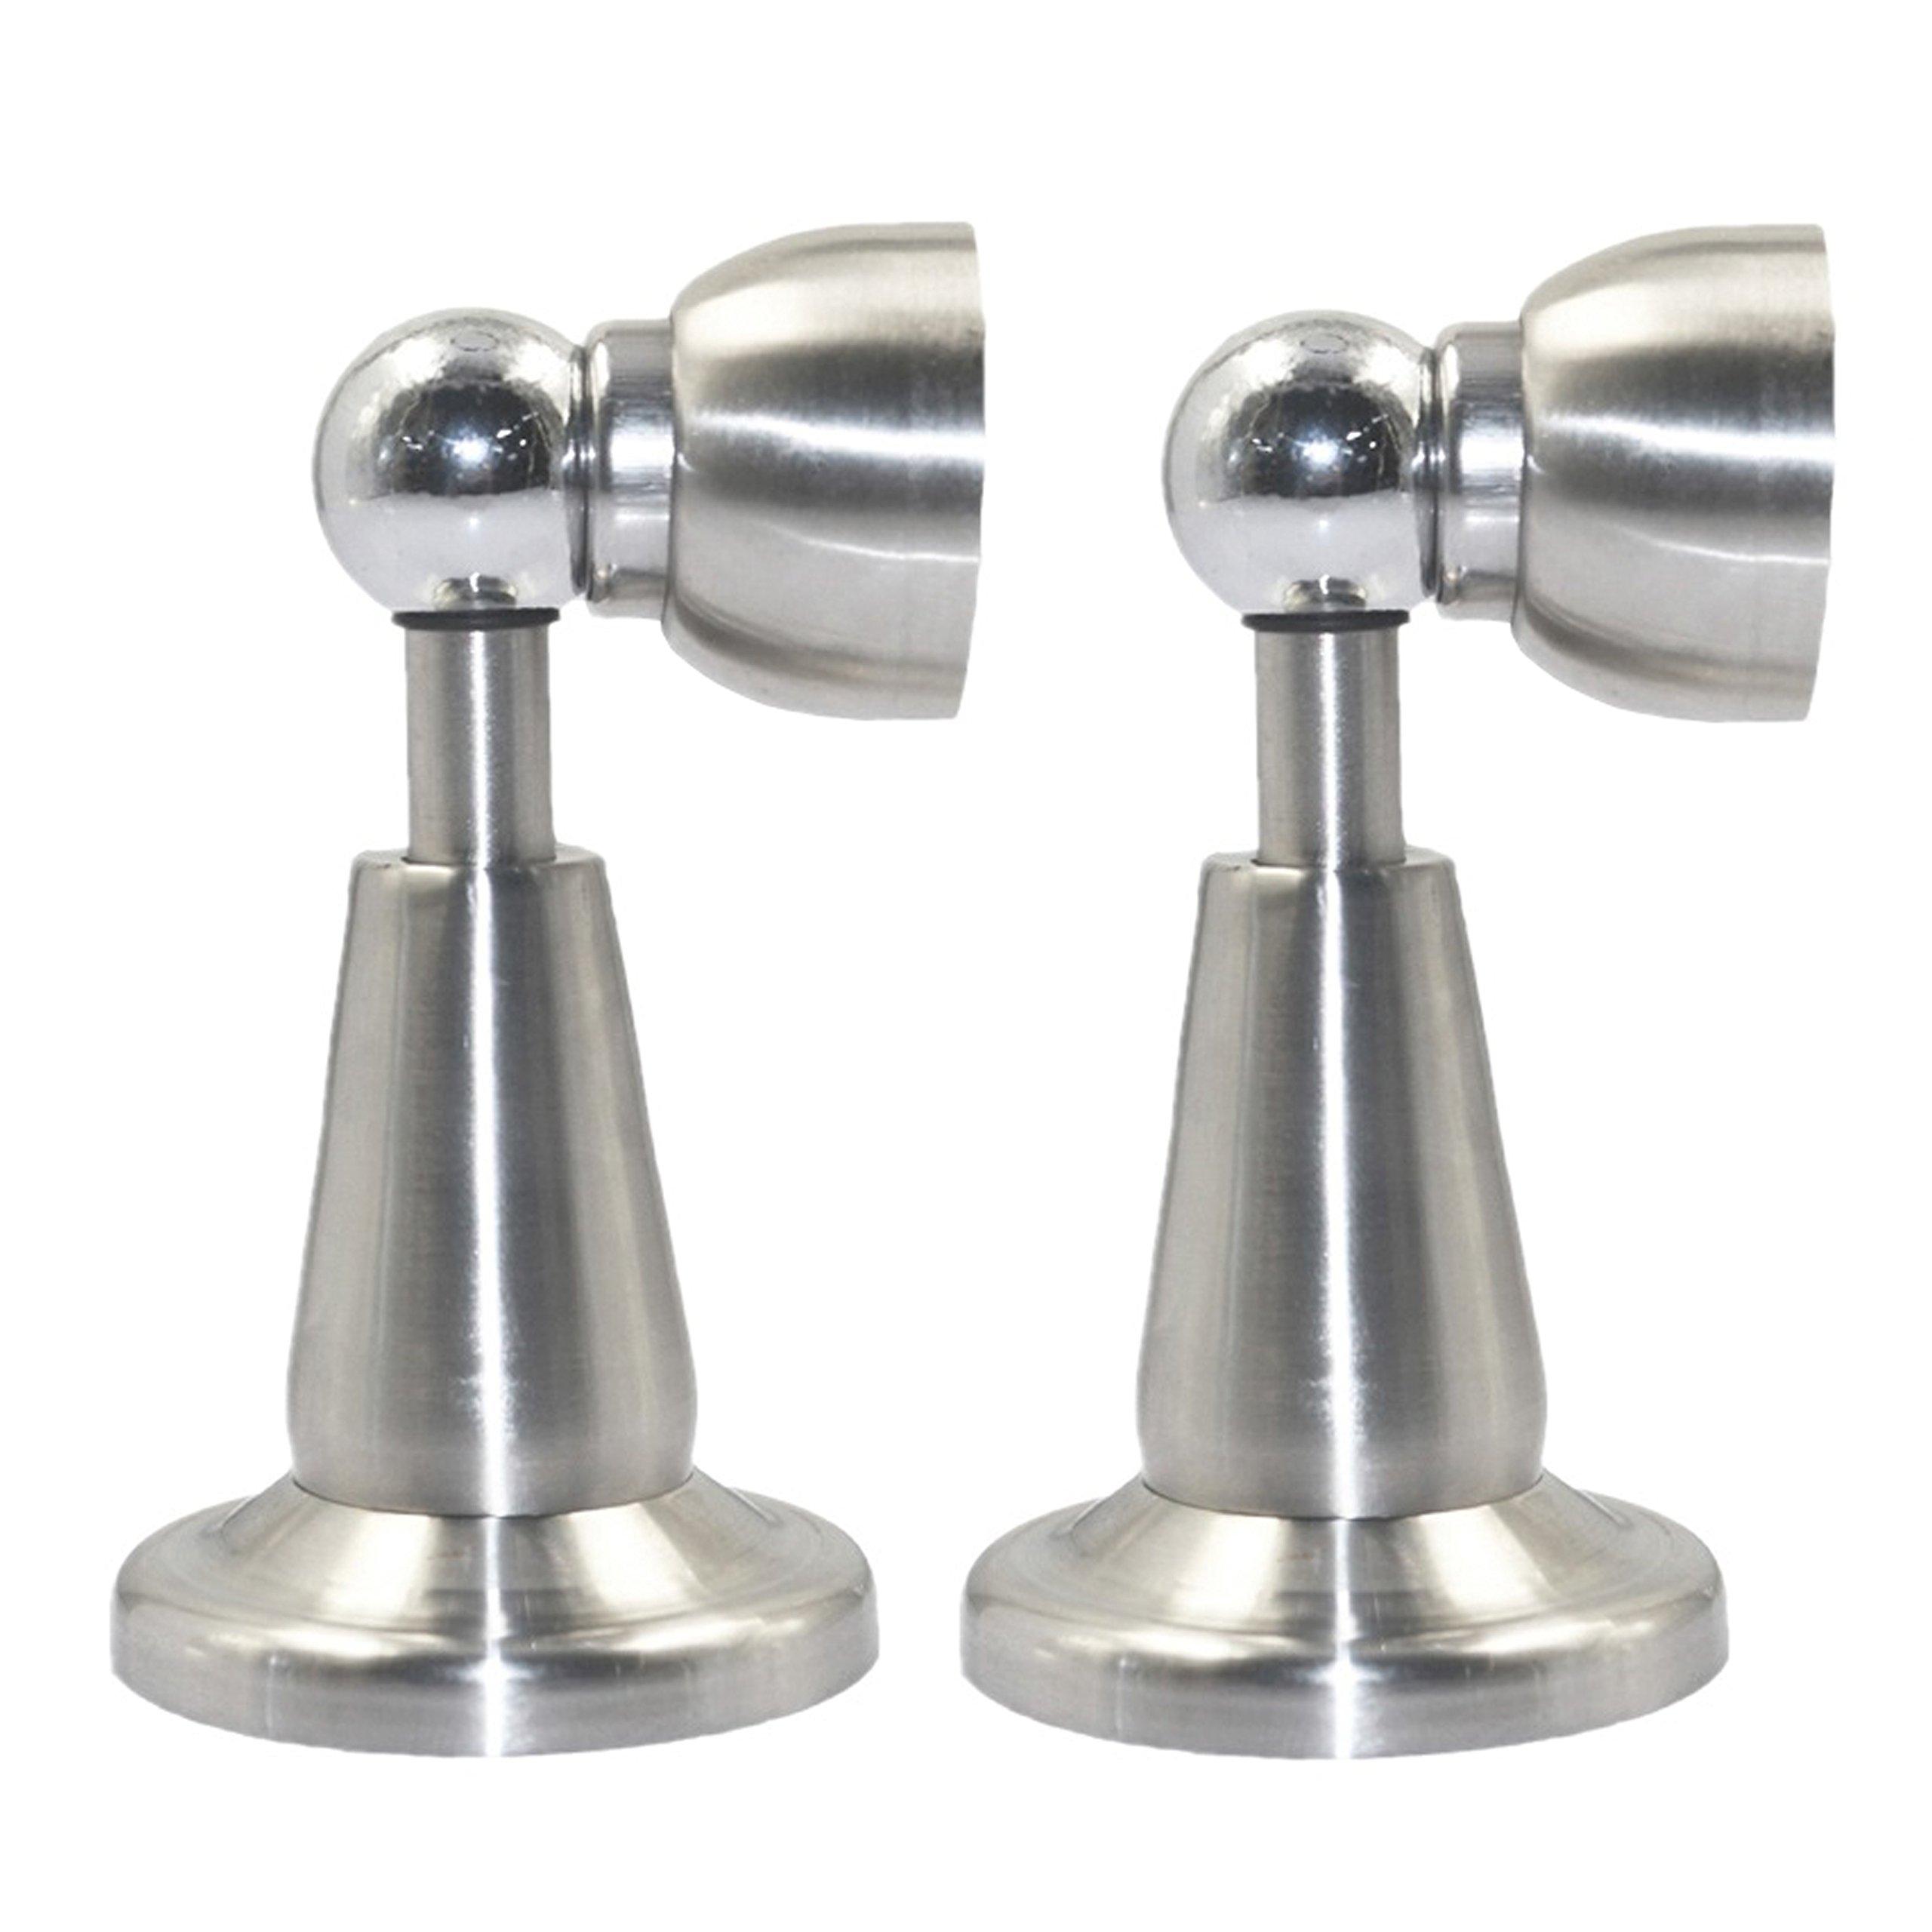 Xntun 2 Pack Soft Catch Door Stop Thickening Stainless Steel Door Stopper Heavy Magnetic Door Stops